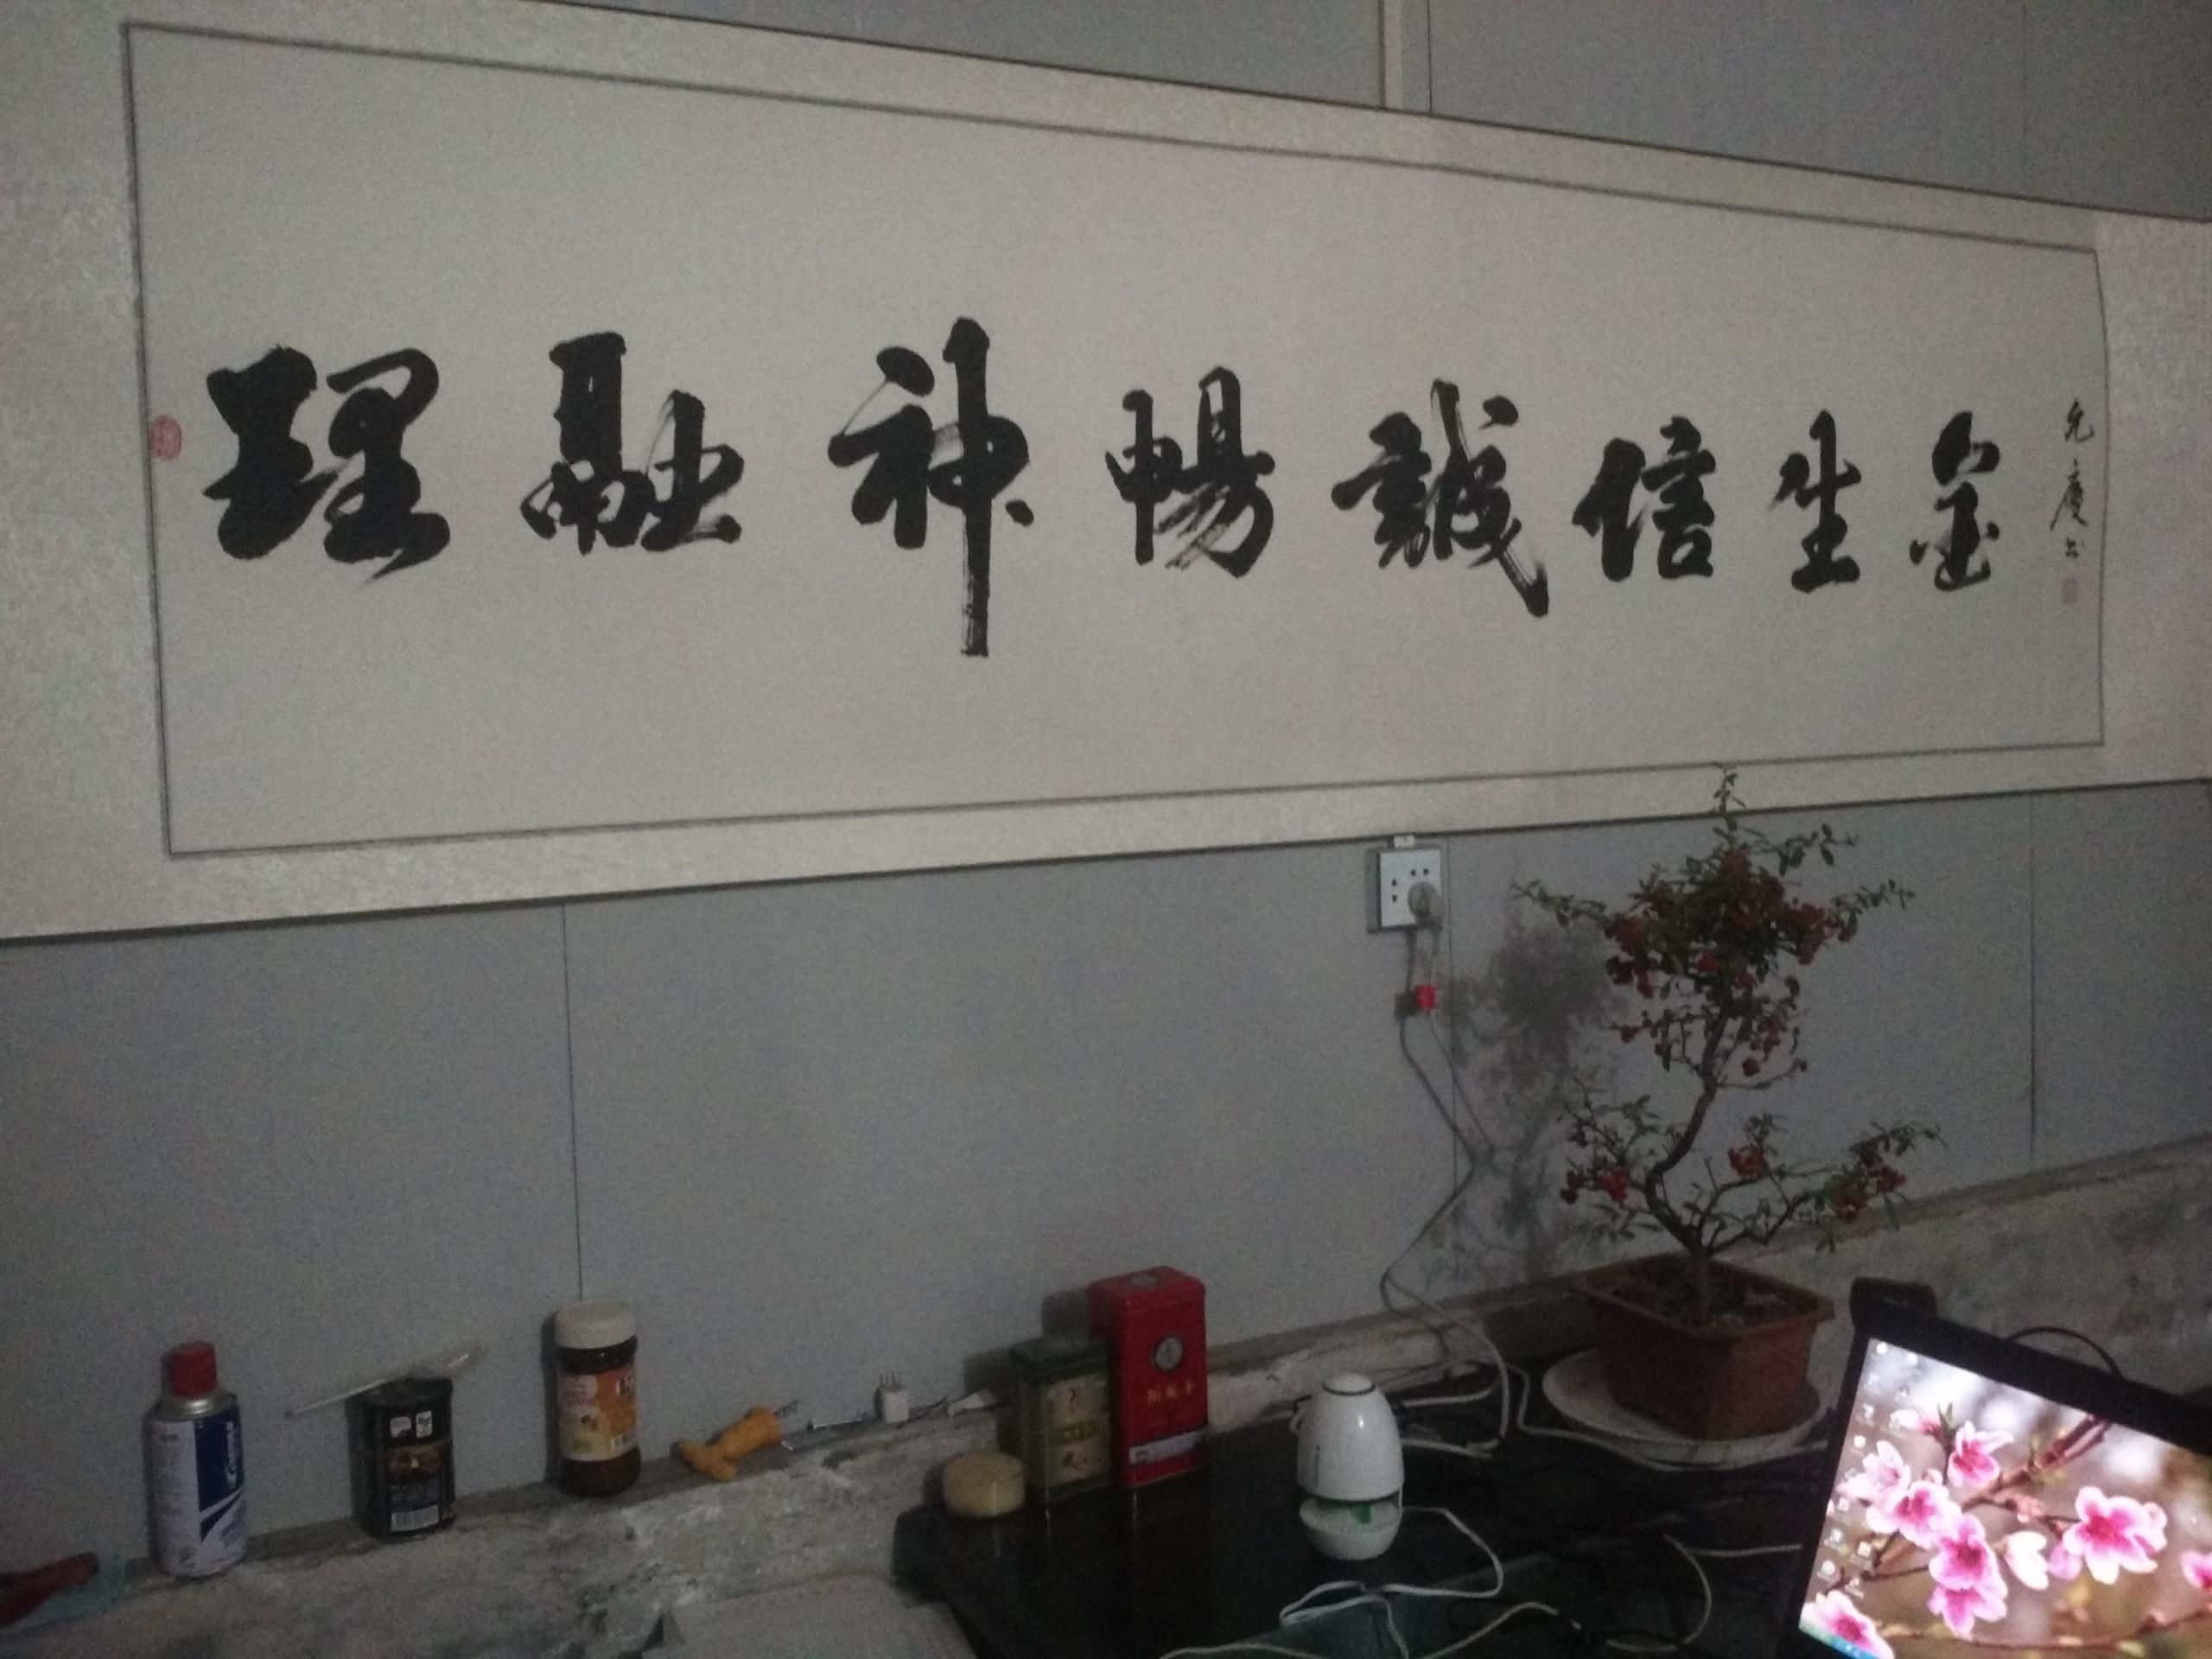 金乡县祥瑞果蔬专业合作社